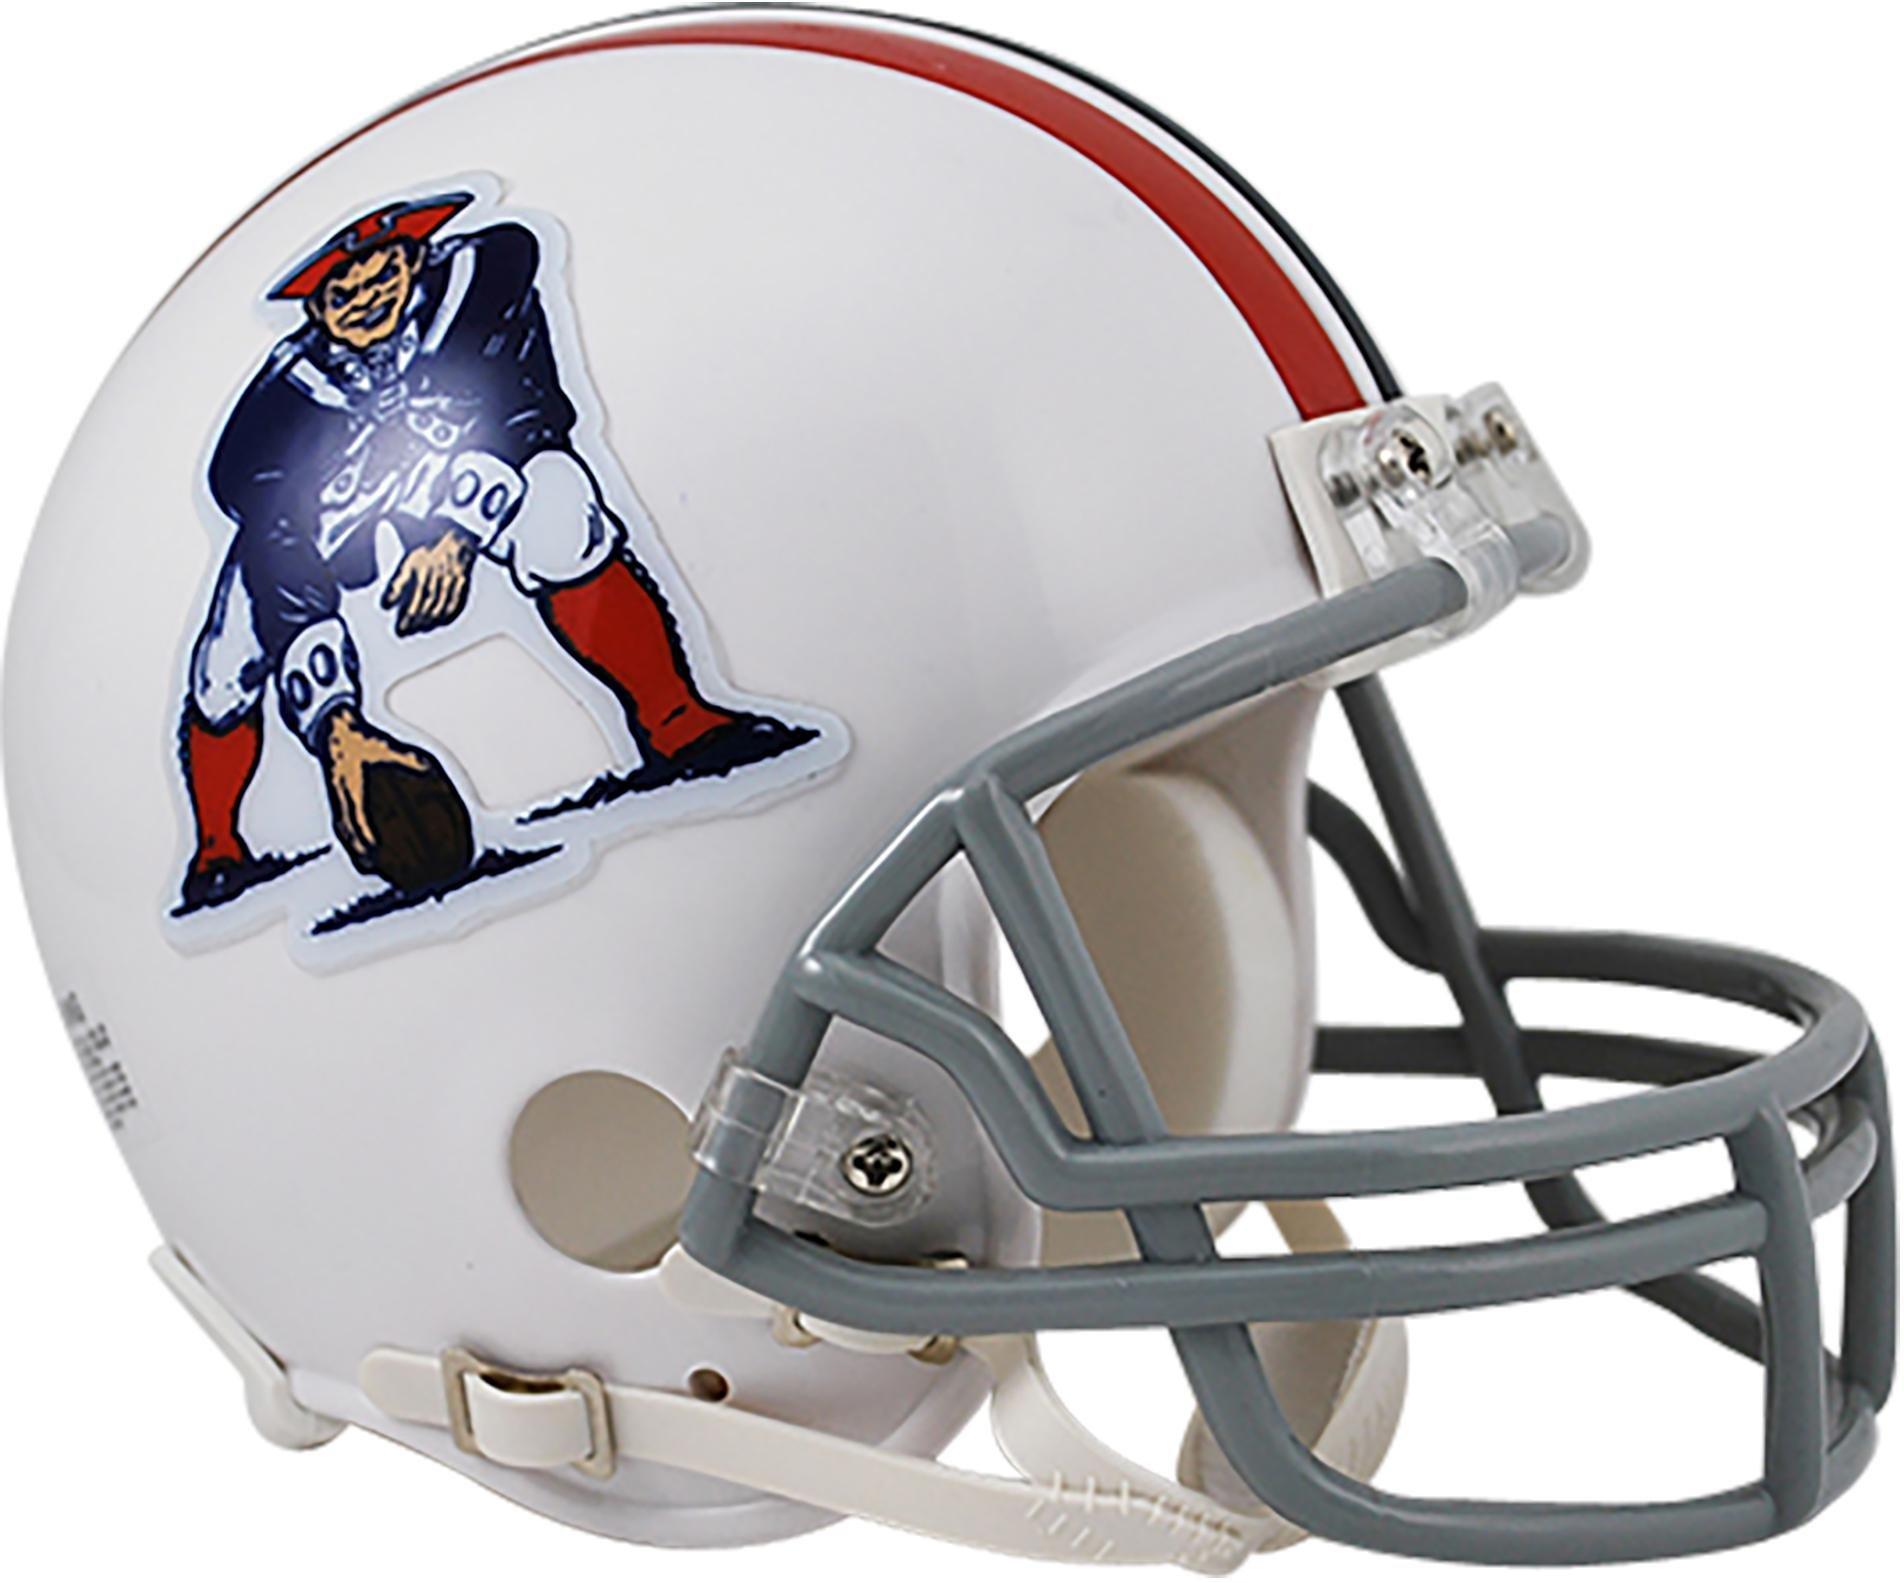 948a1bea588 Get Quotations · Sports Memorabilia Riddell New England Patriots Throwback  1965-1981 VSR4 Mini Football Helmet - Fanatics